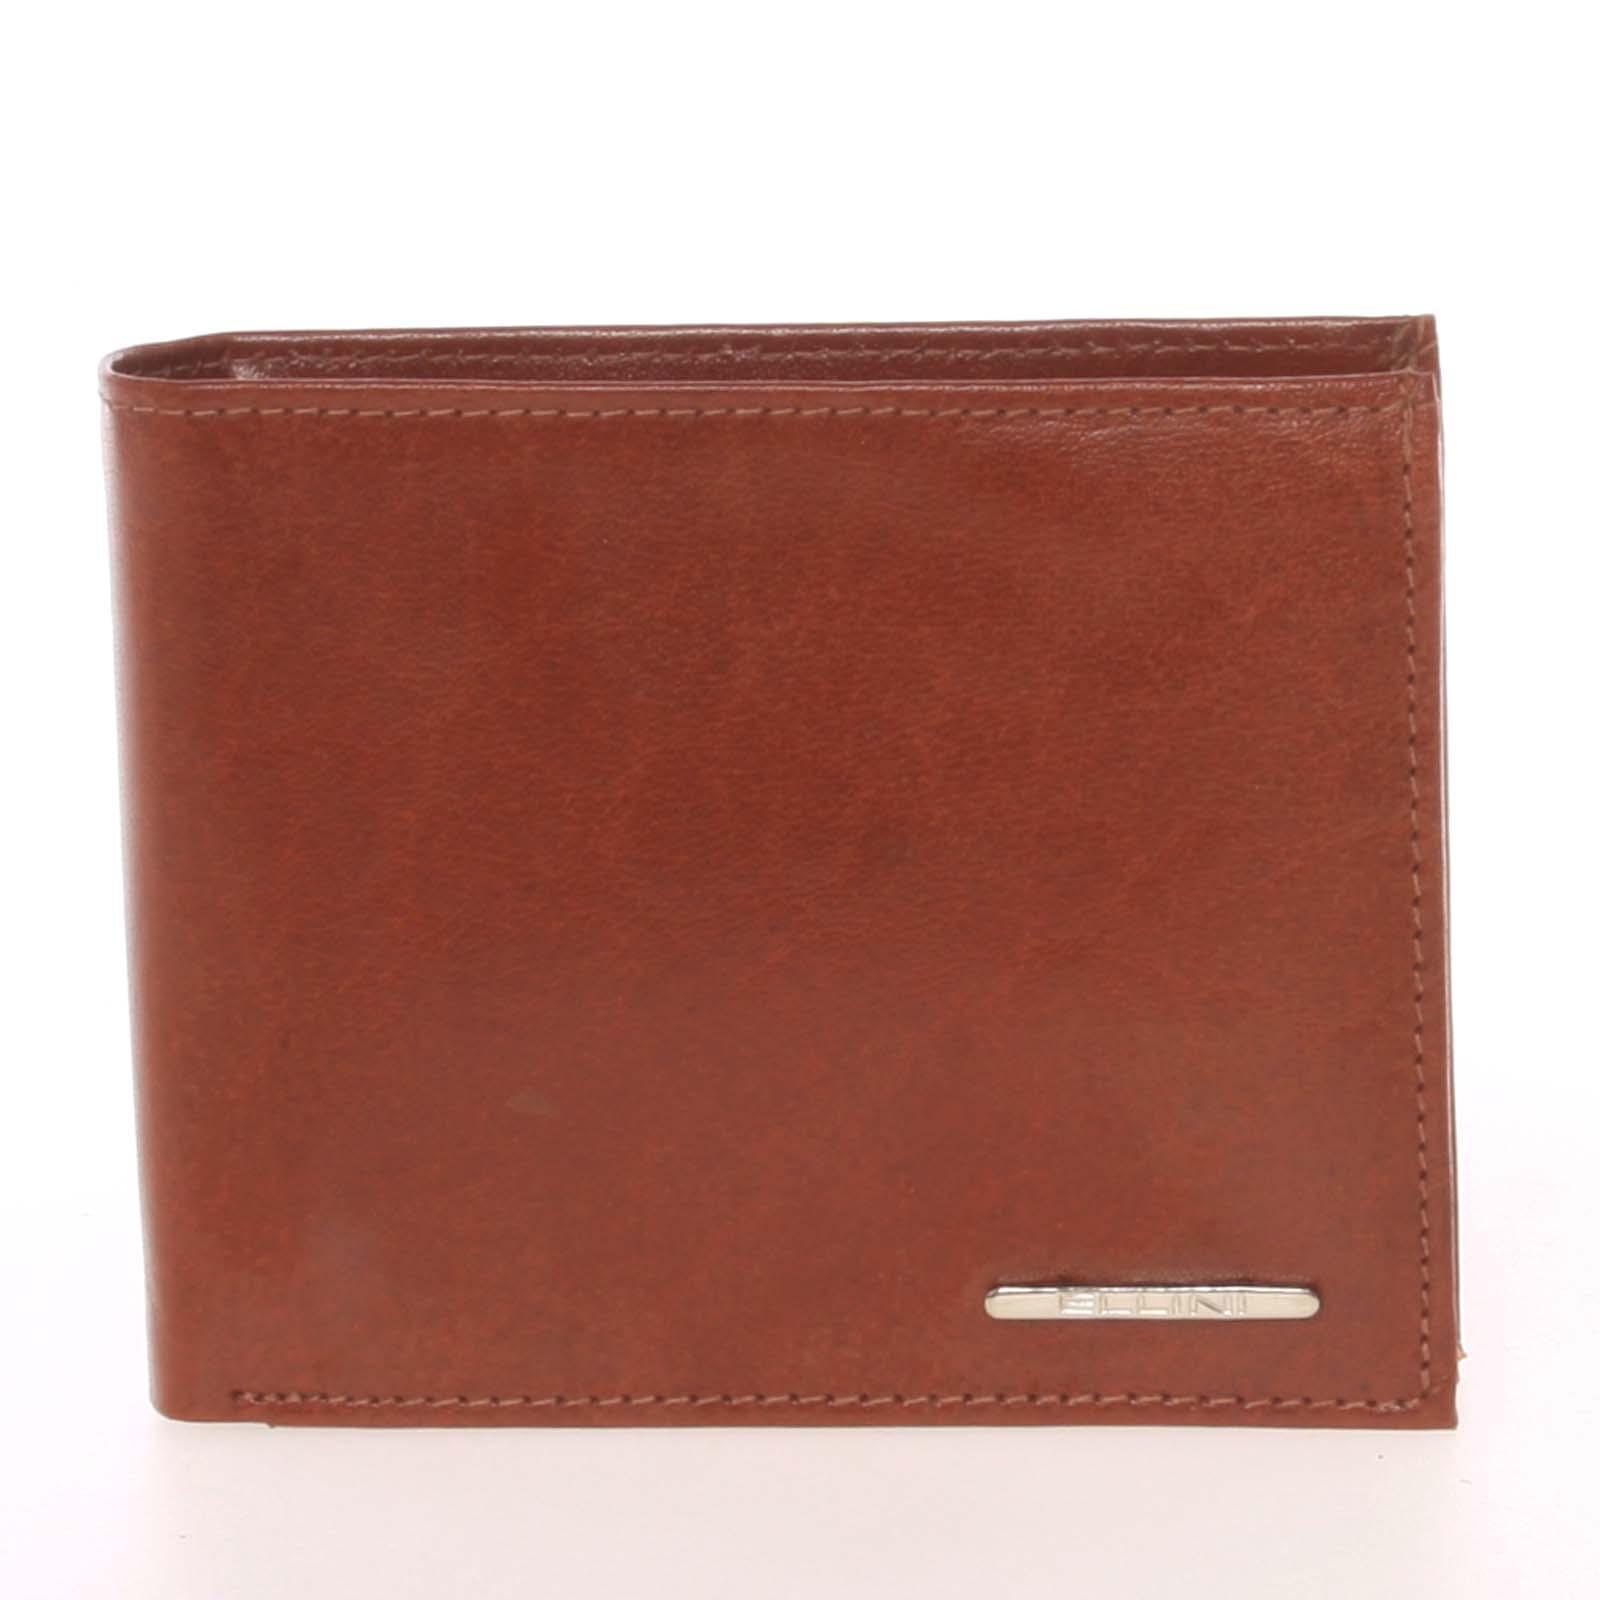 Pánská peněženka světle hnědá - Ellini Valentino